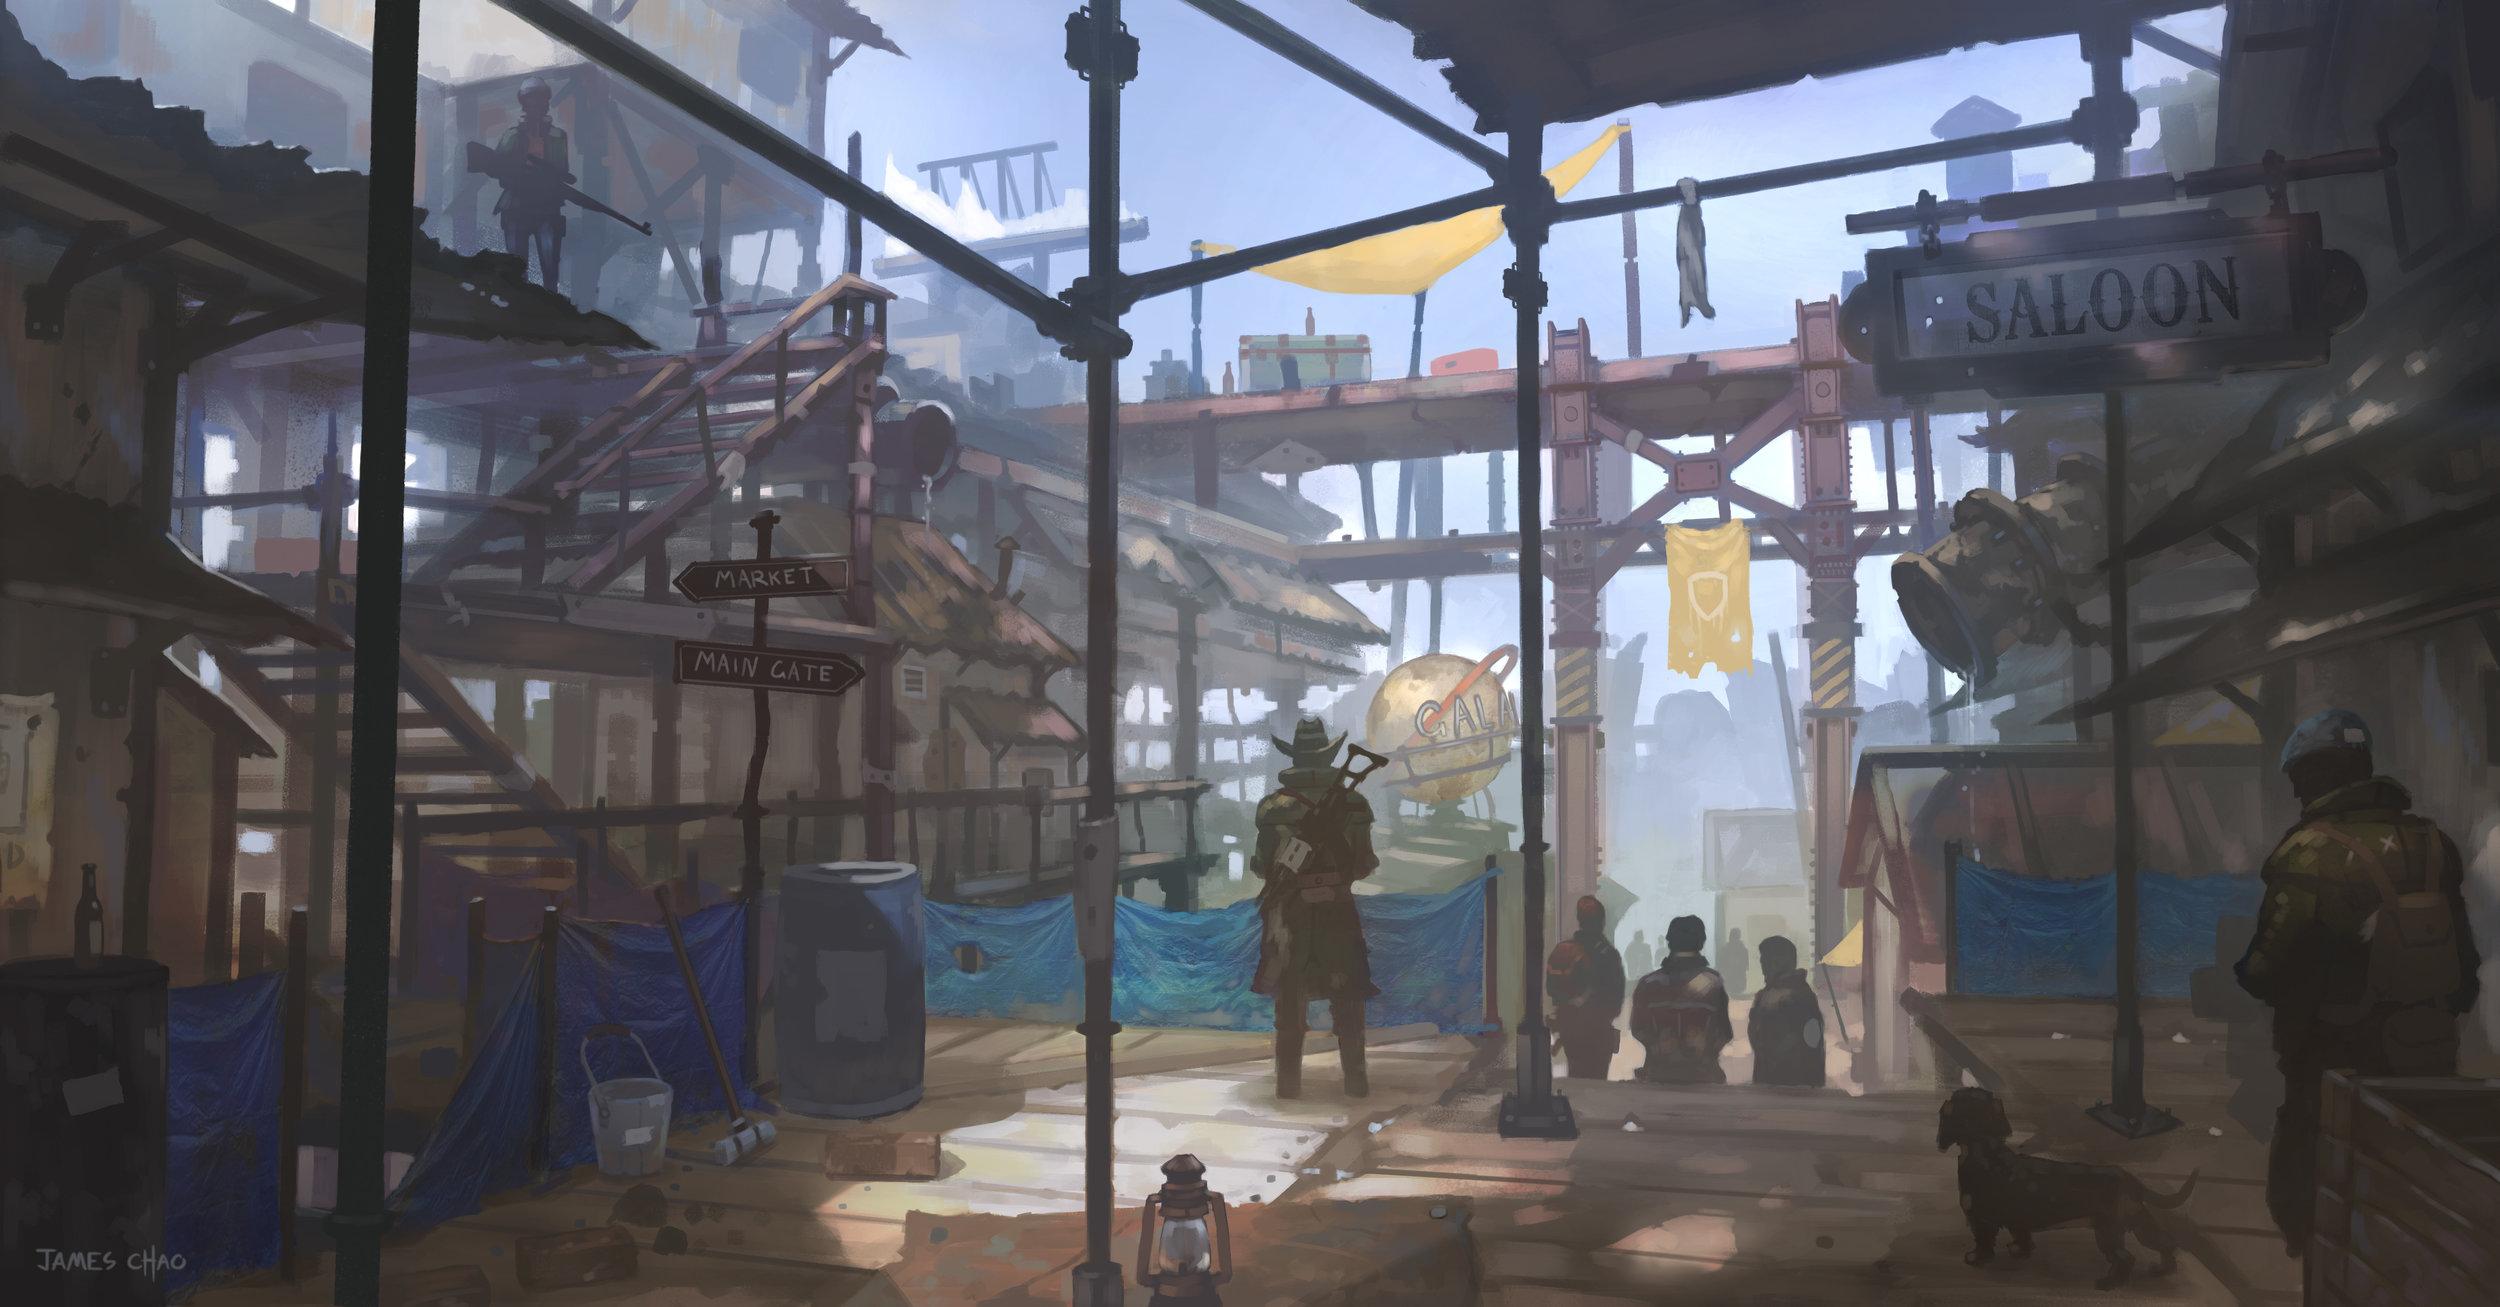 slums.jpg